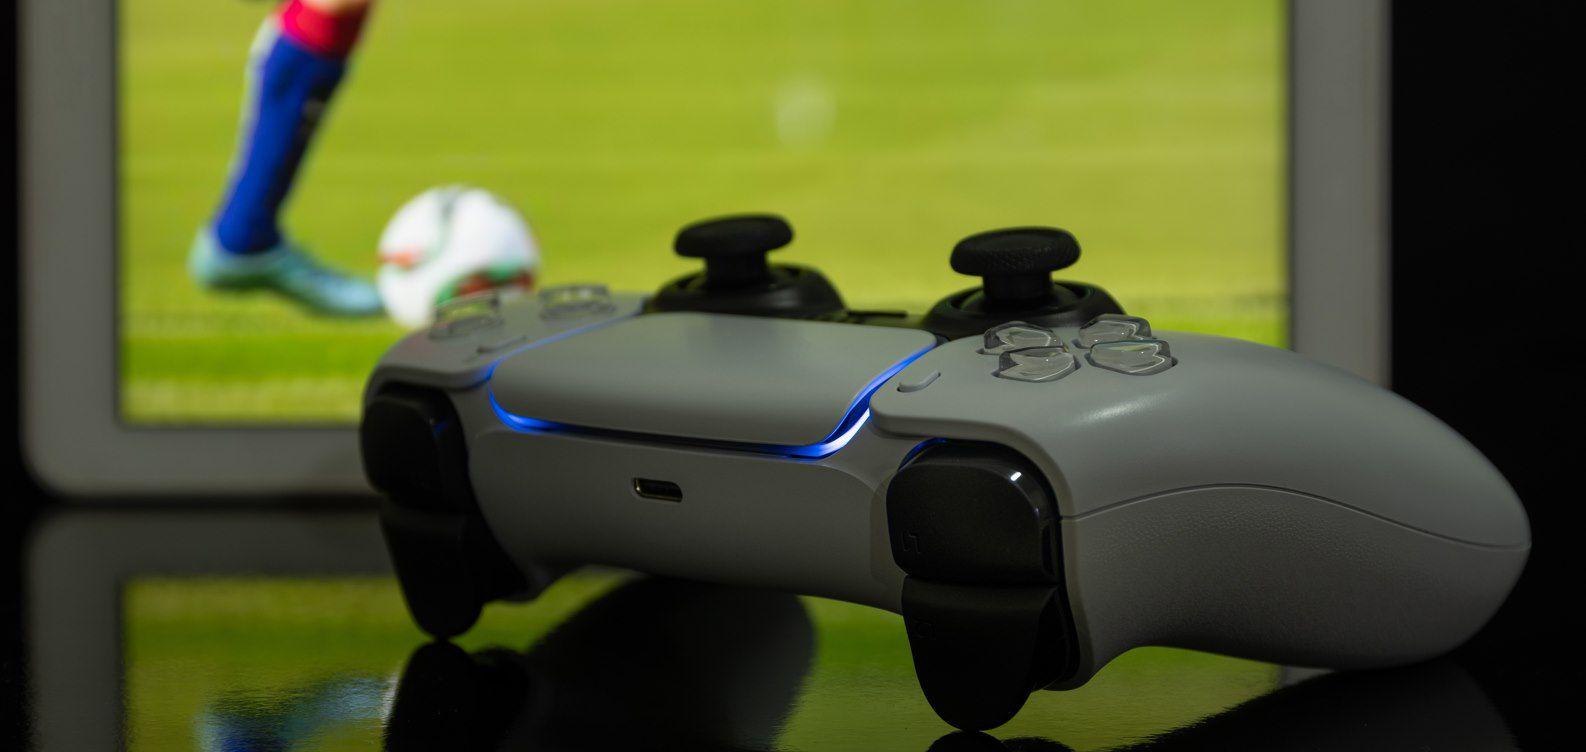 Spartipp: PlayStation Spiele im Ausland kaufen